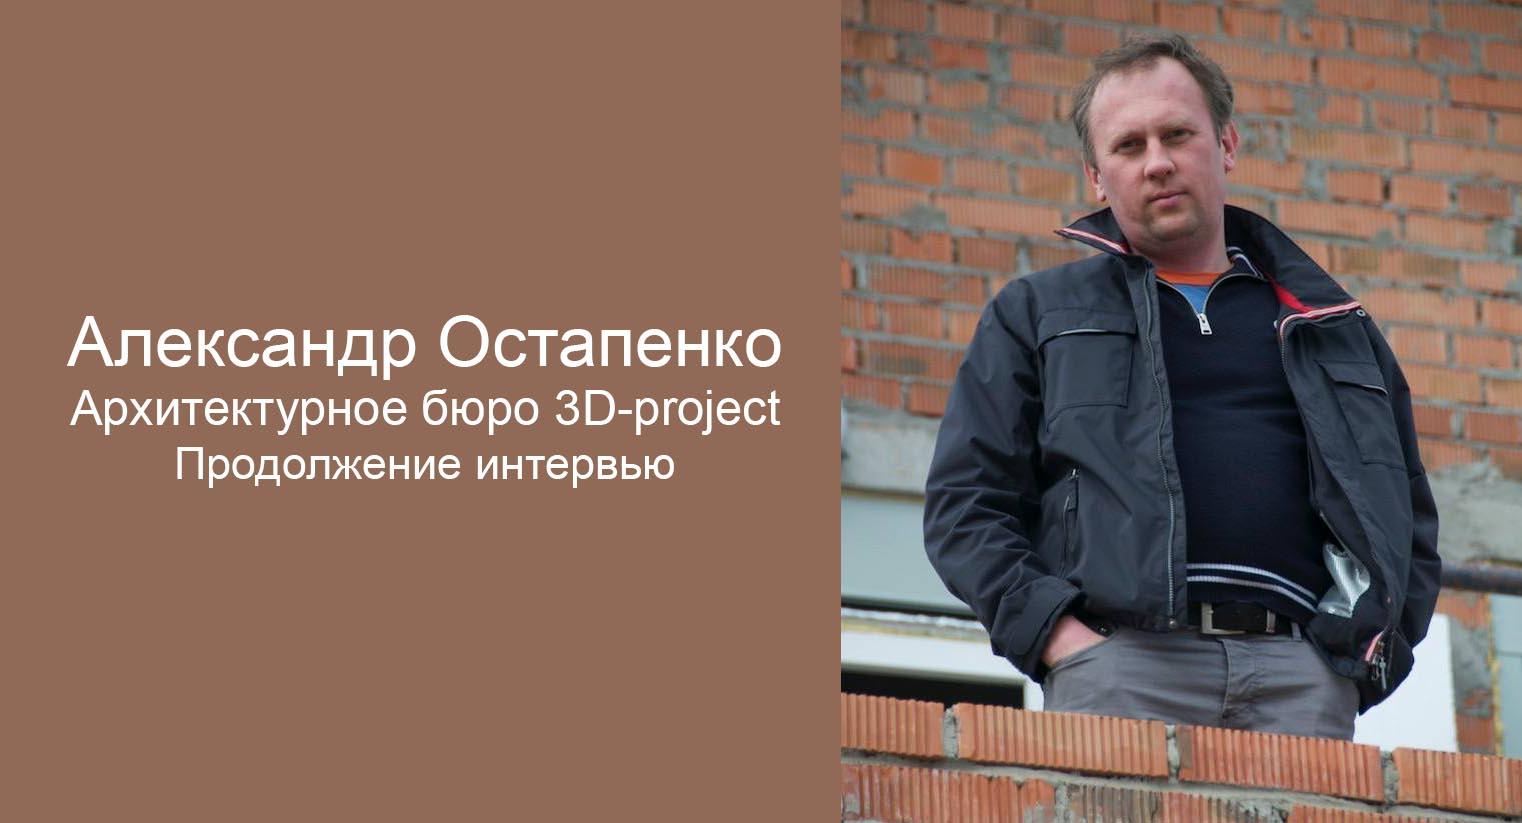 Інтерв'ю Олександра Остапенко (архітектурне бюро 3D-project) бренду DAVIS CASA. Частина 2